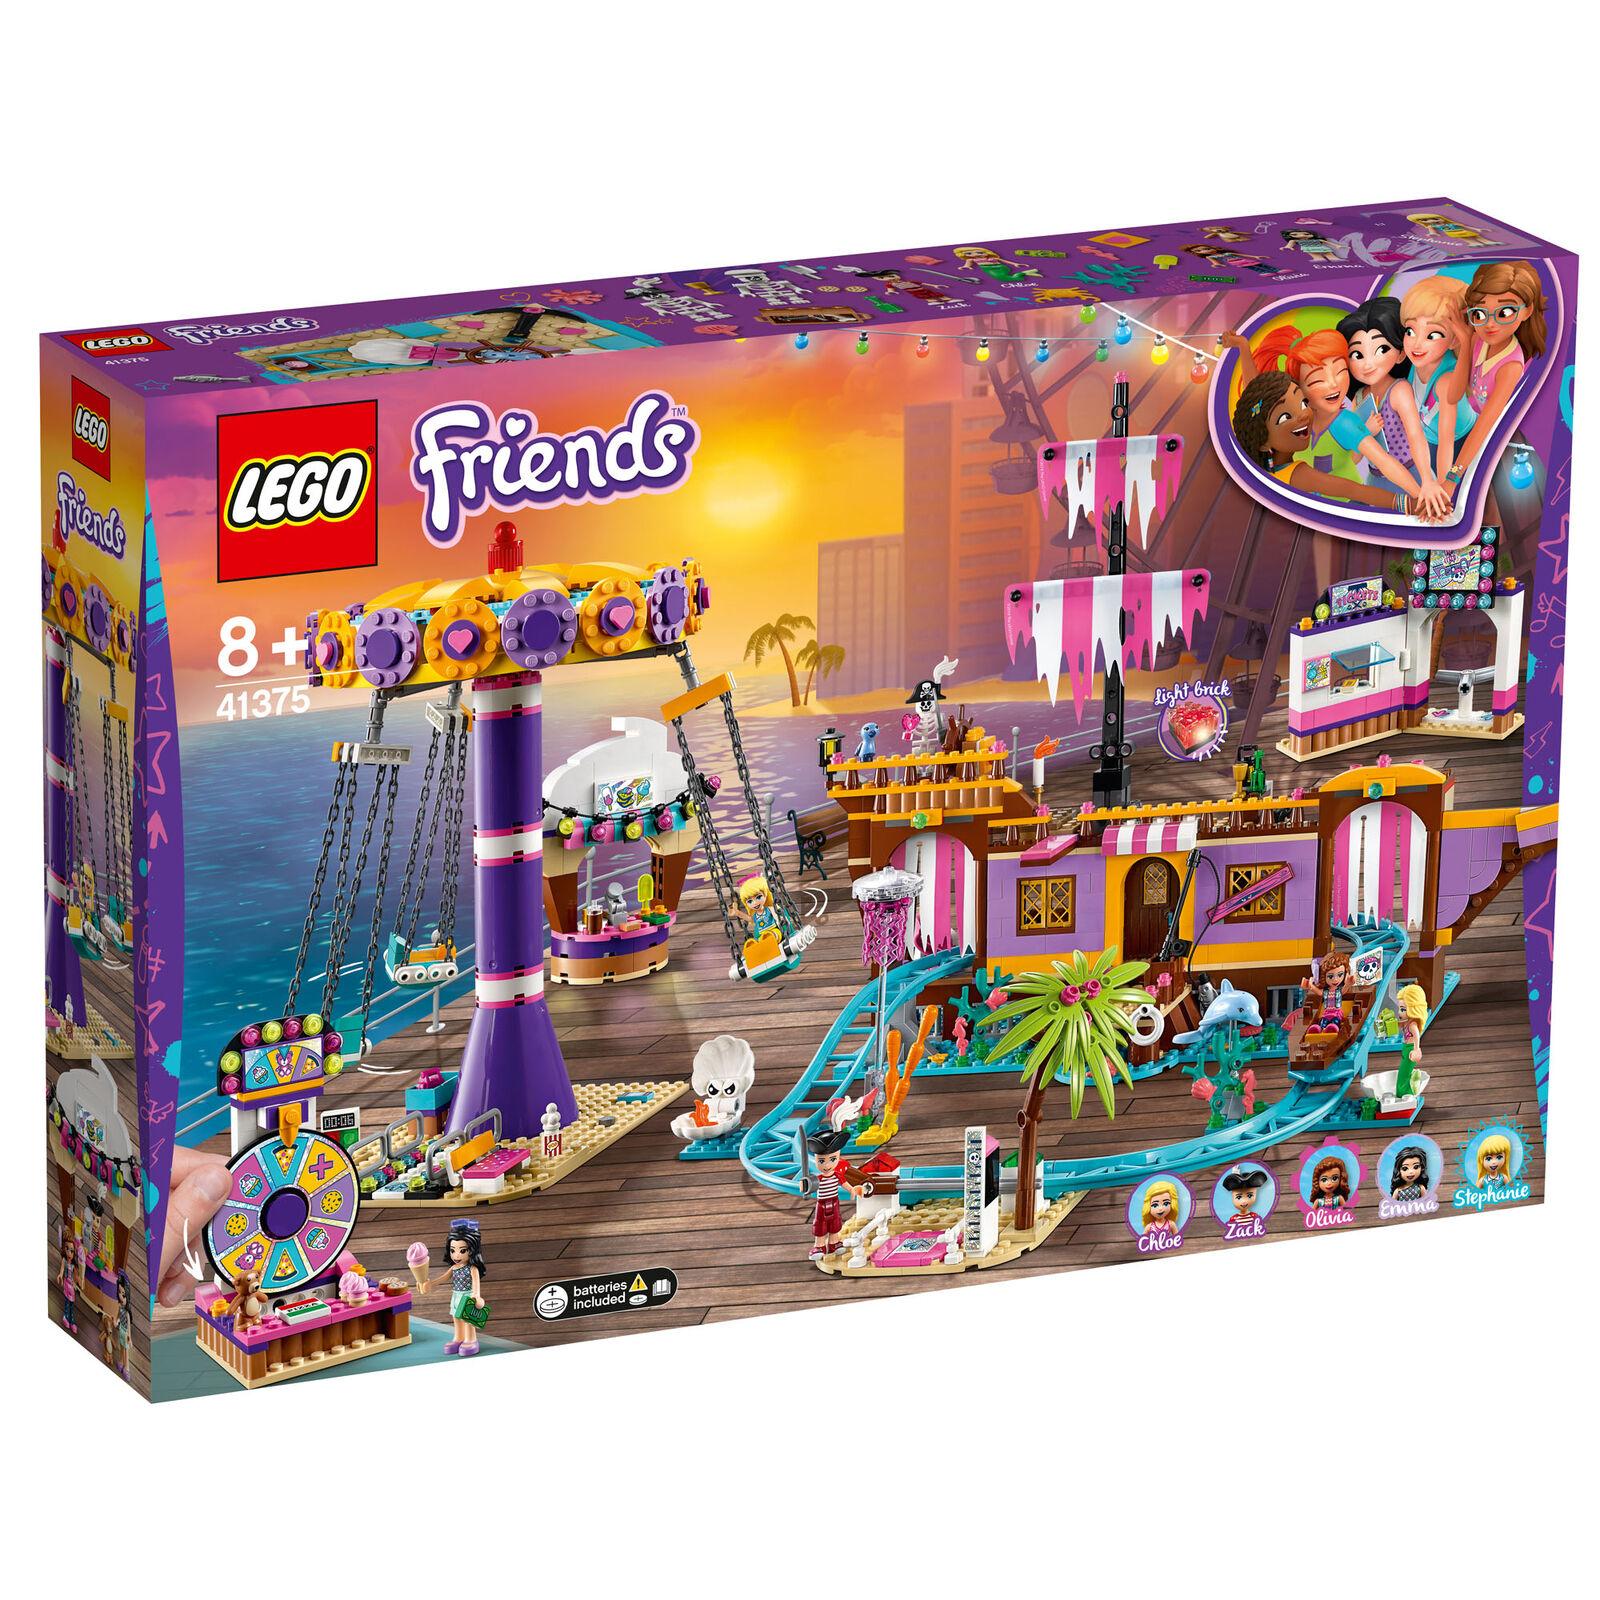 41375 Lego Friends Heartlake città diverdeimenti Pier divertimento  Fair montagne russe 1251pcs  vendita scontata online di factory outlet